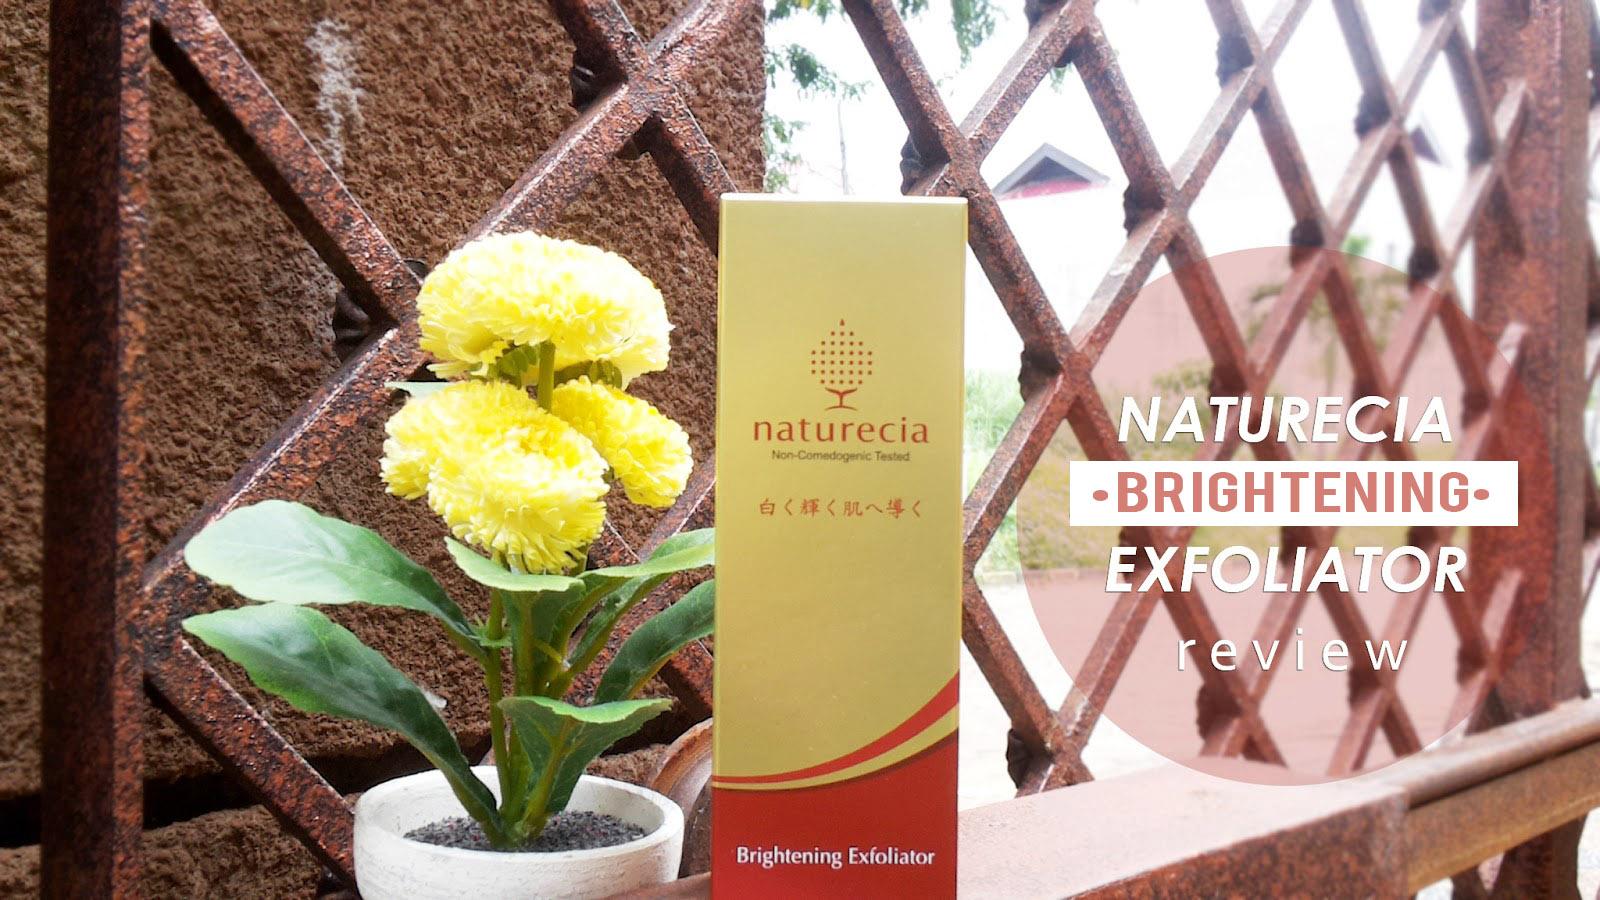 naturecia-review